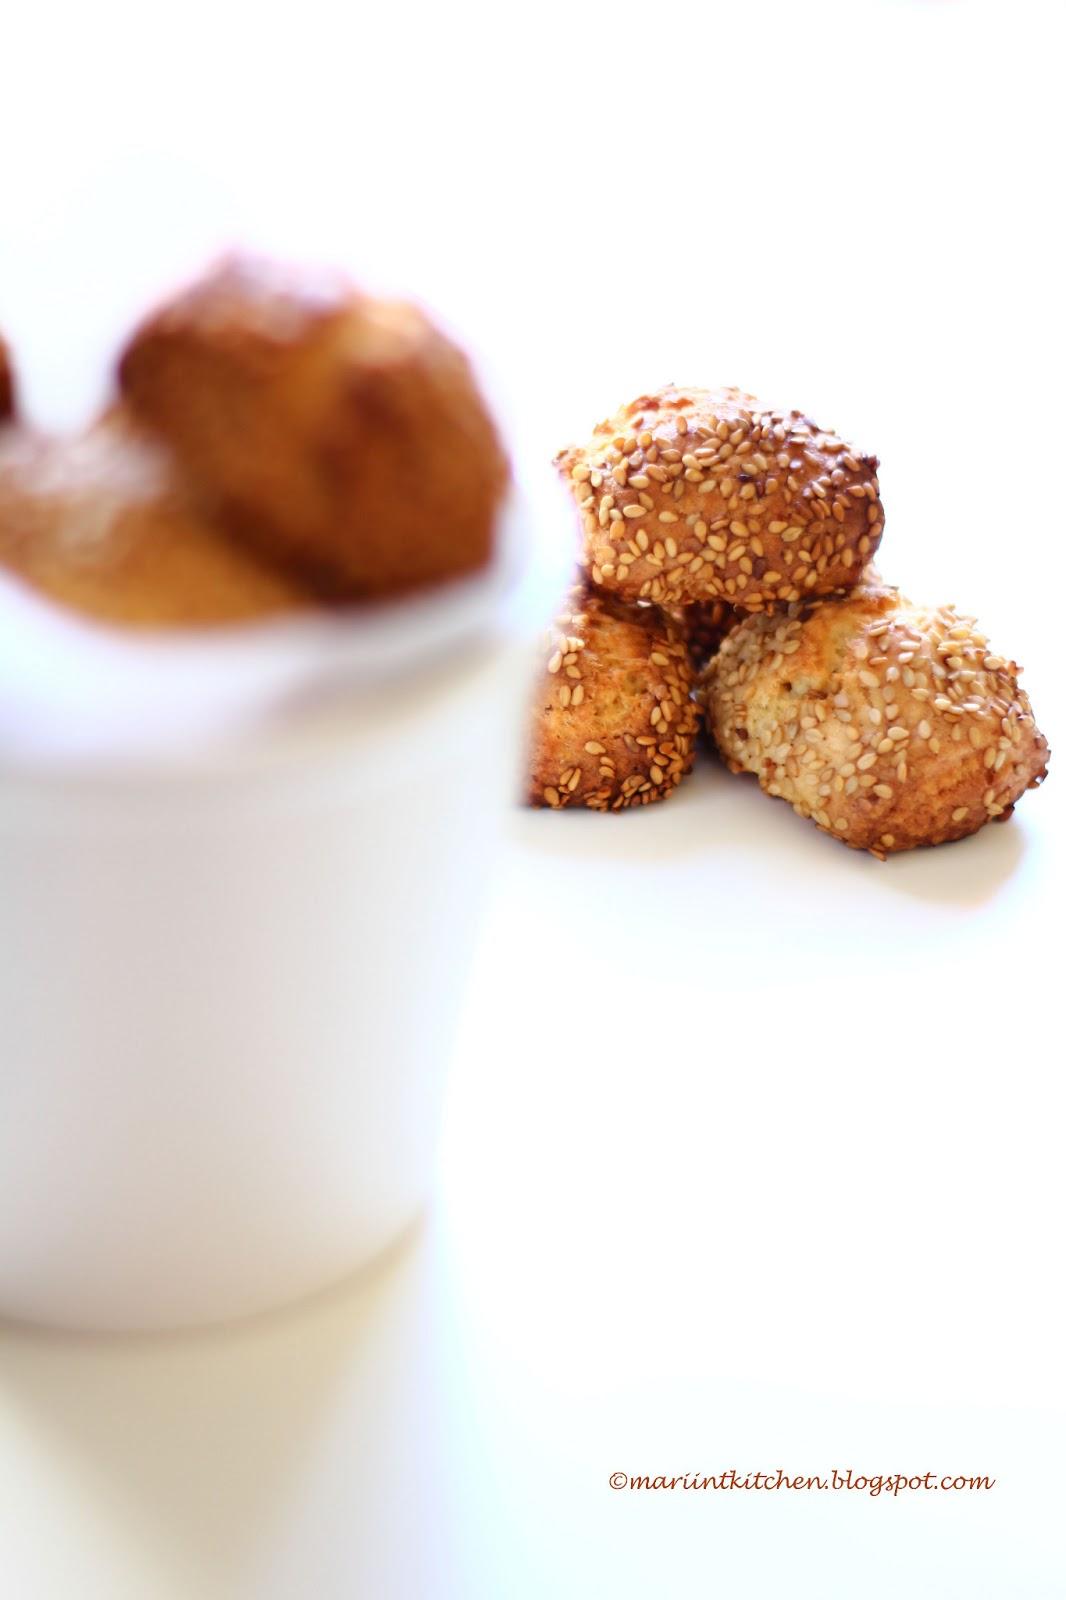 reginette, ovvero biscotti ricoperti di sesamo